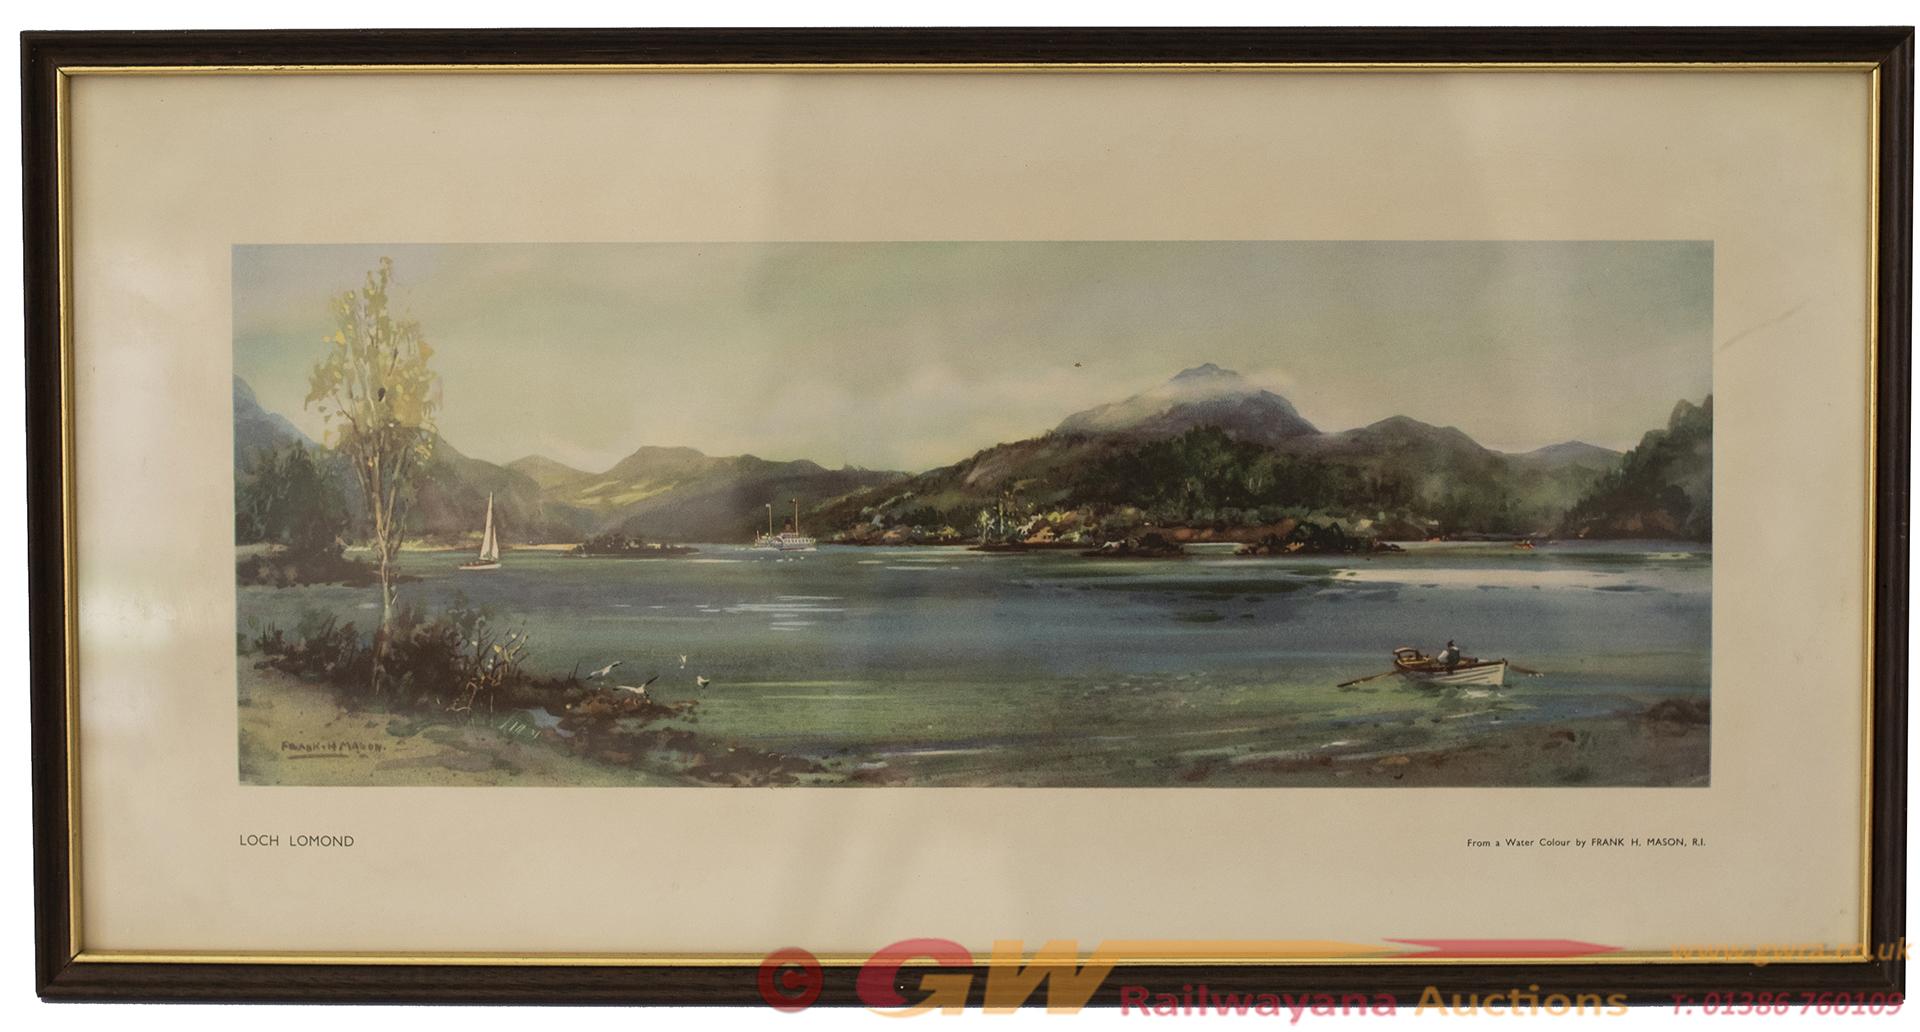 Carriage Print LOCH LOMOND By Frank H Mason R.I.